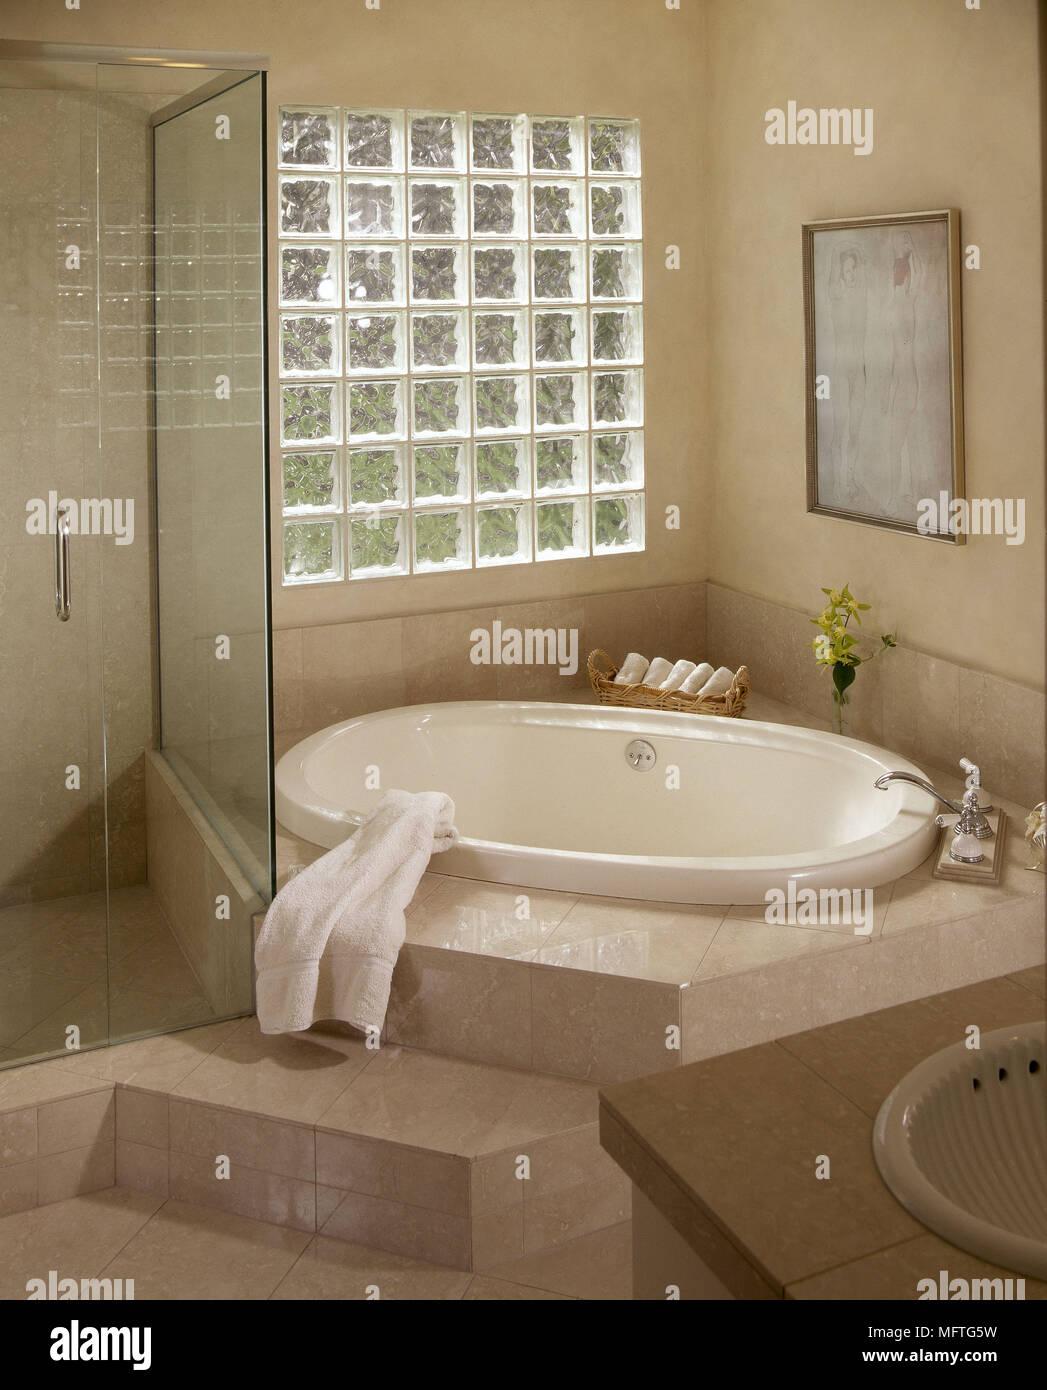 Peinture Salle De Bain Hydrofuge ~ salle de bains baignoire encastr e moderne en brique de verre verre